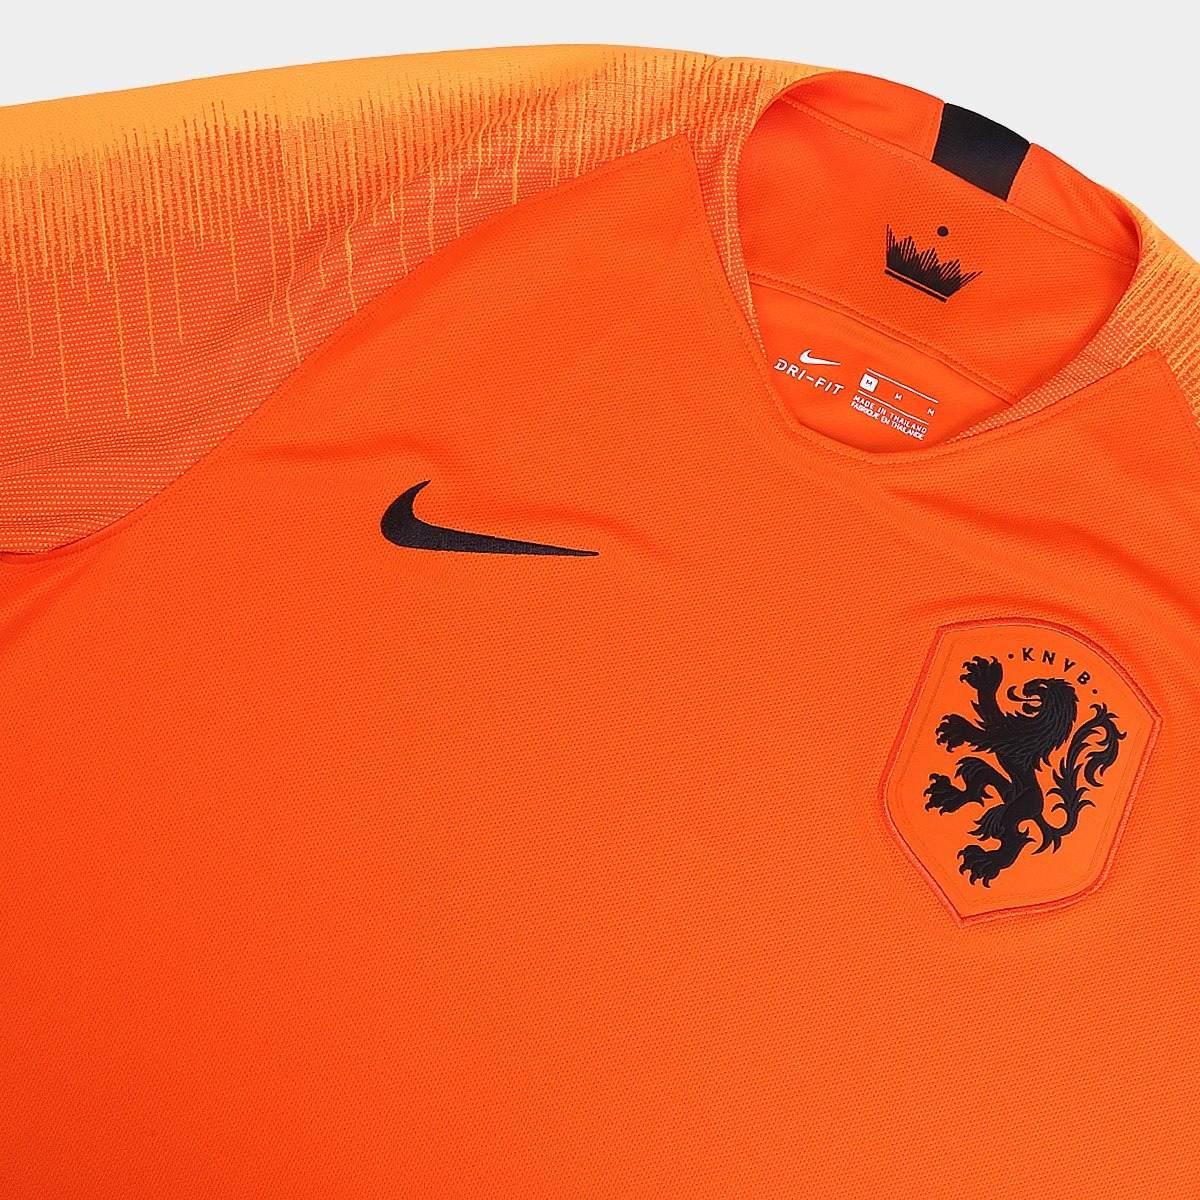 9b5402570ab31 camisa holanda home 2018 tamanho g laranja nike novo. Carregando zoom.